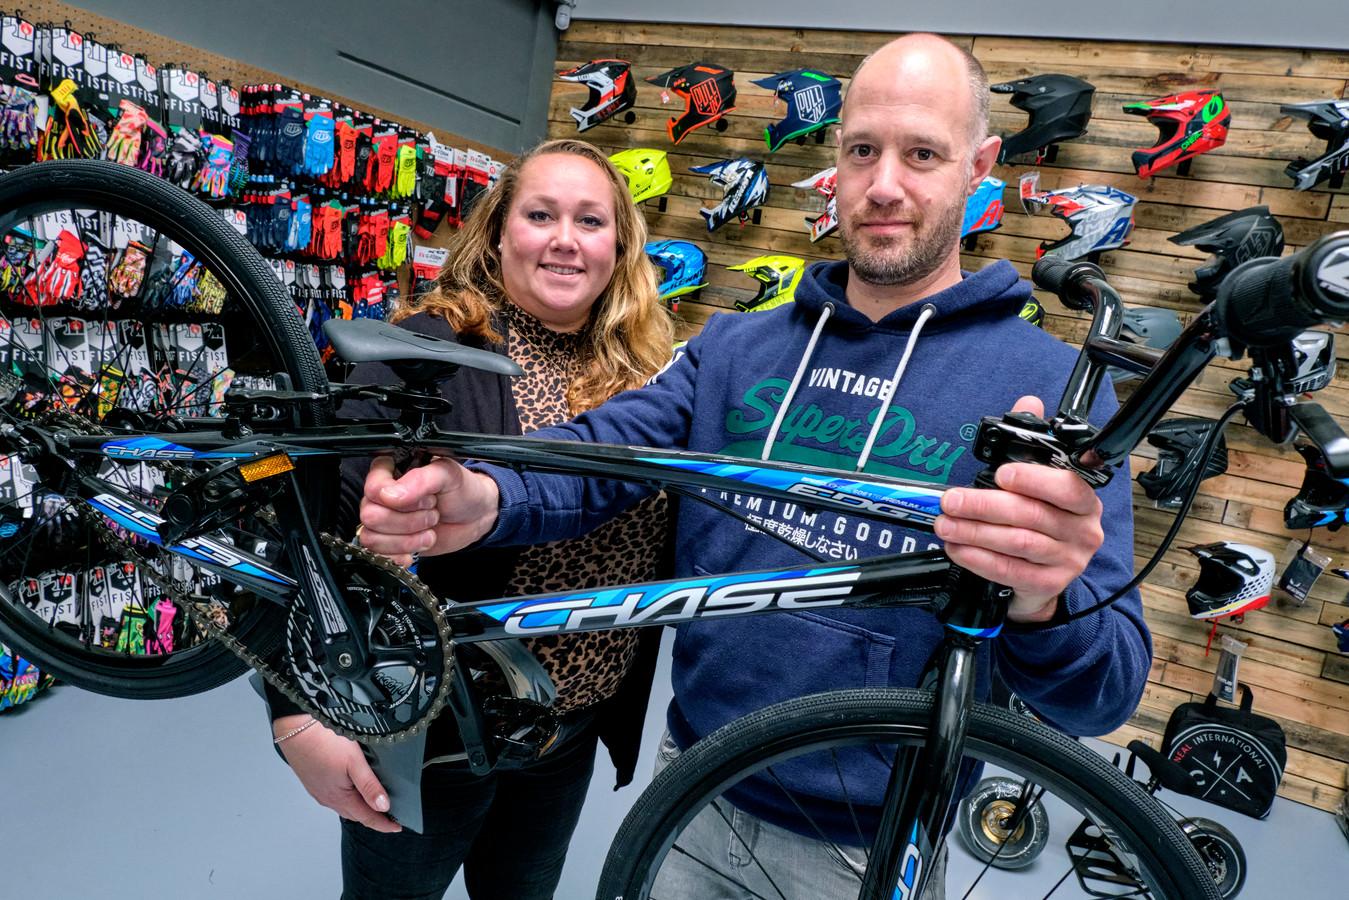 Marloes en Hans Kruijswijk hadden tot voor kort alle BMX-artikelen noodgedwongen opgeslagen in hun eigen huis, maar nu hebben ze een eigen winkelpand aan de Einsteinstraat in Dordrecht.